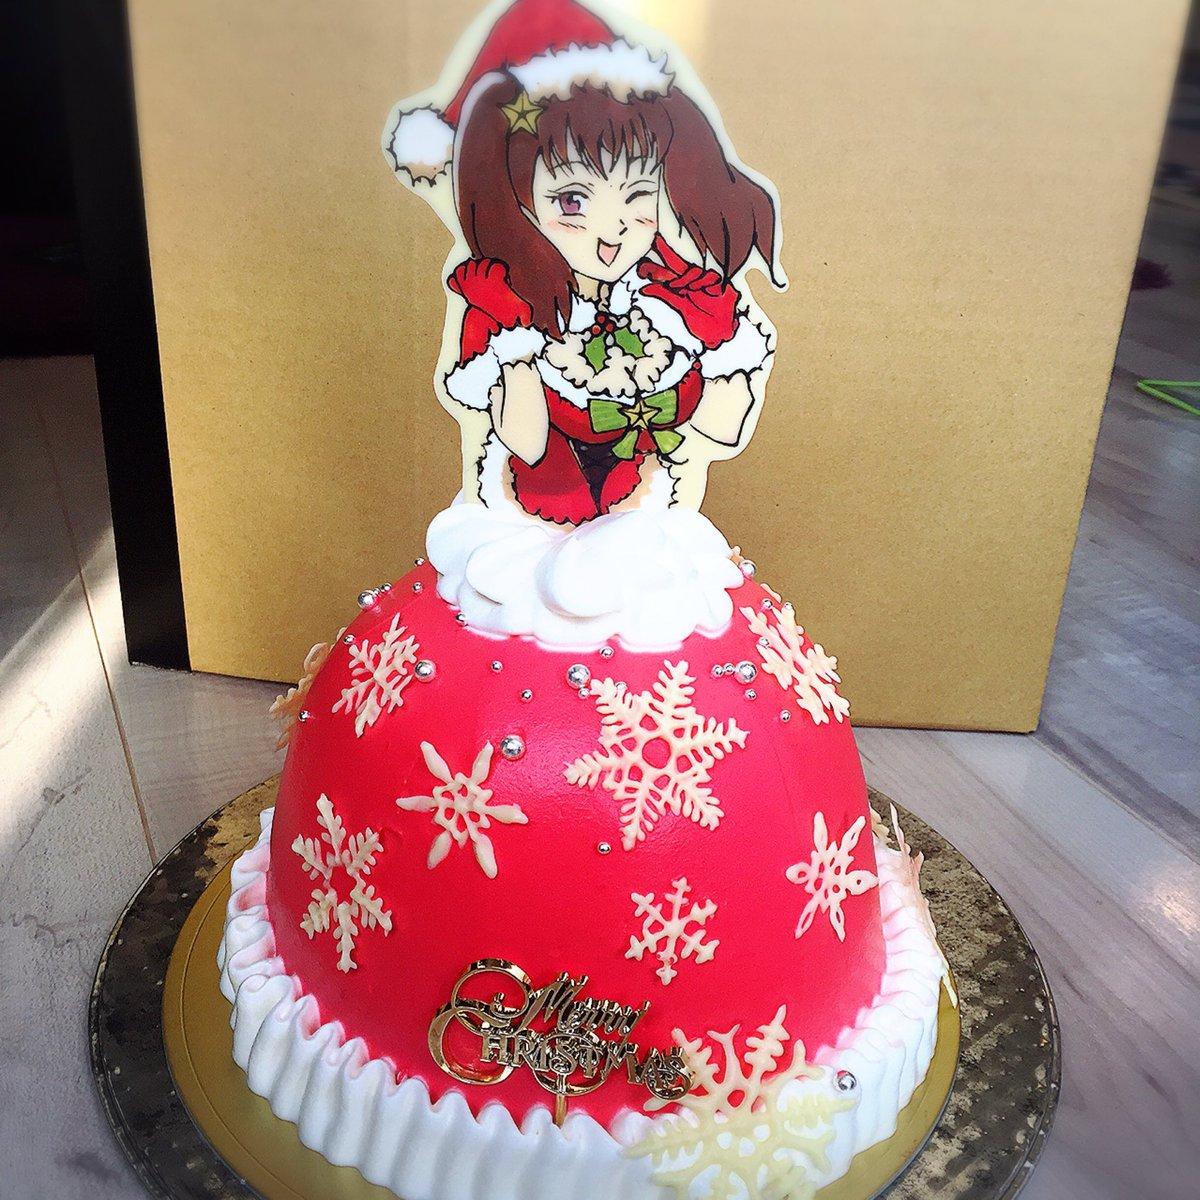 七つの大罪が大好きなお友達にクリスマスディアンヌちゃんのドールケーキを作りました。お着替えできます(*´ー`*)そして、